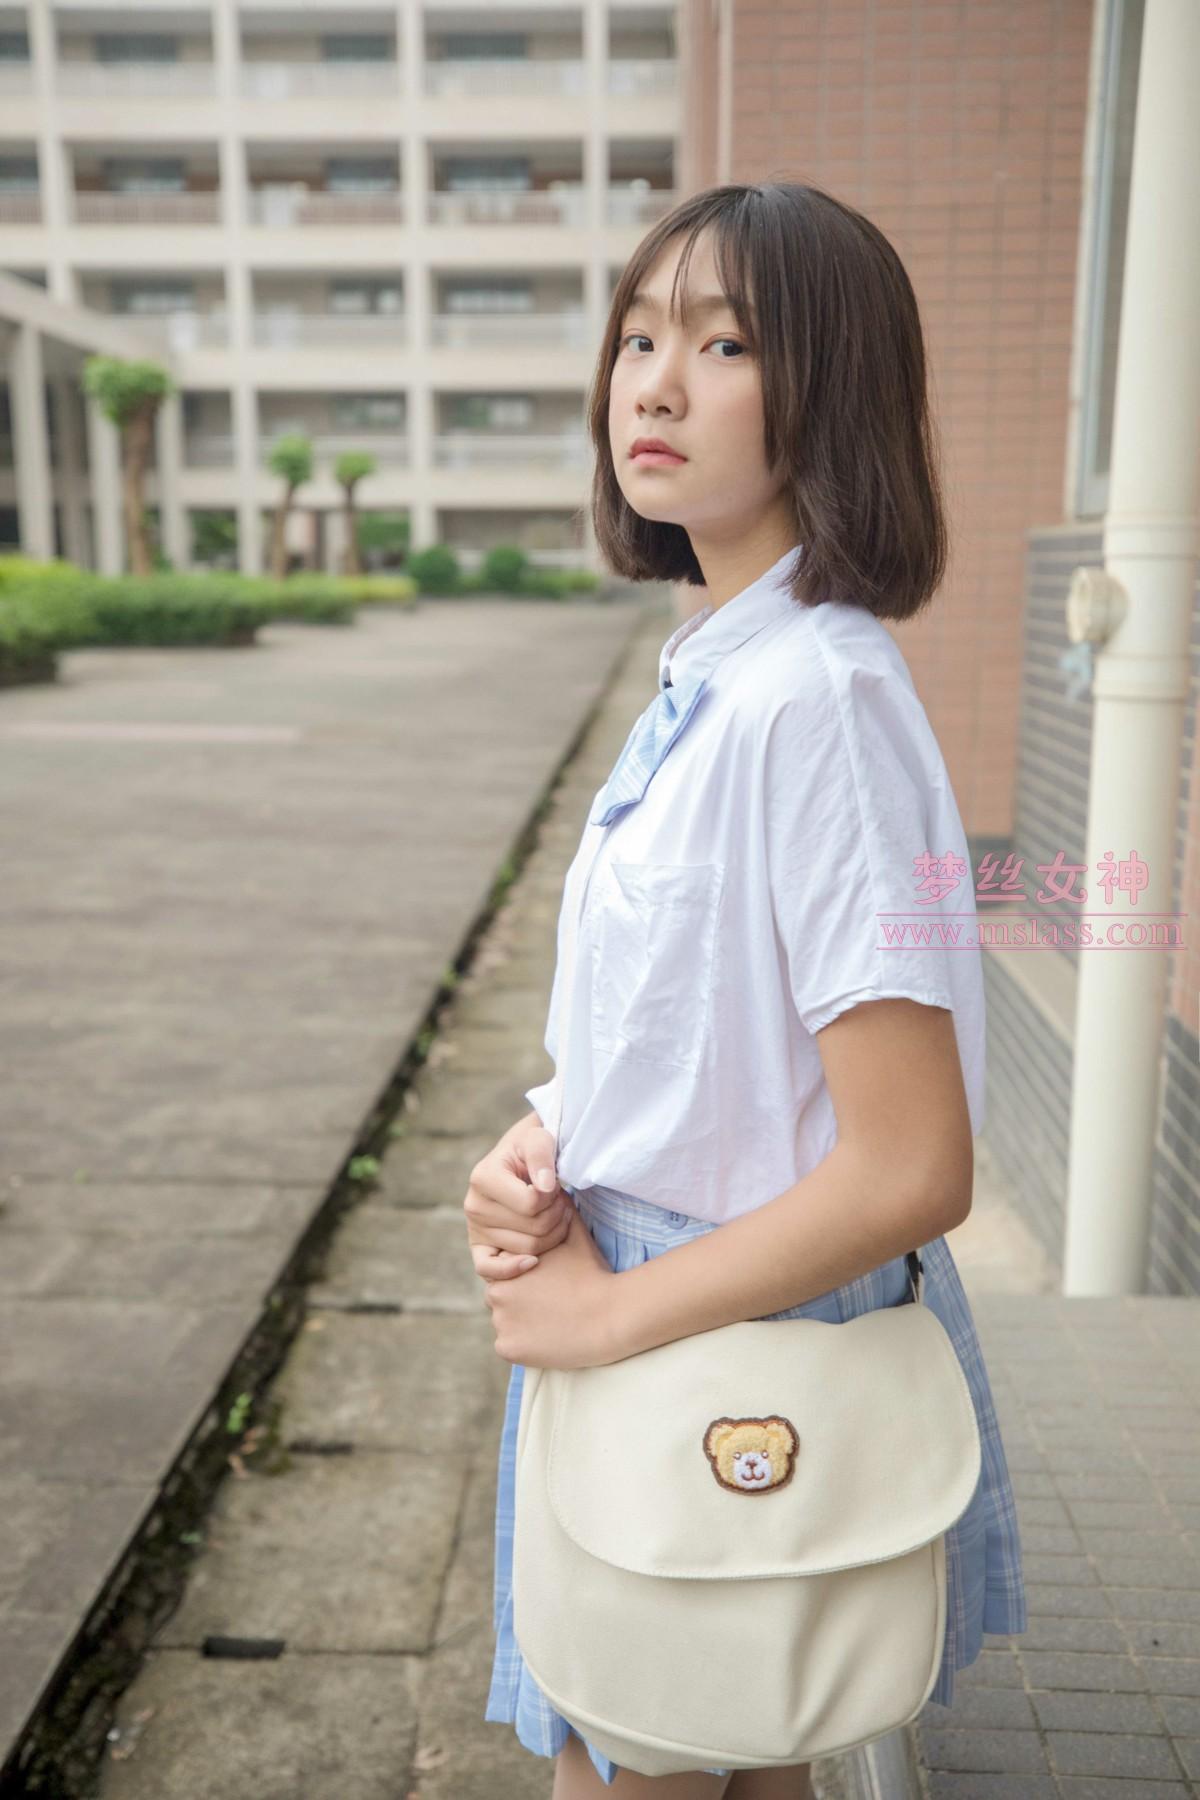 梦丝女神 洛洛 梦幻学记 [60P] 梦丝女神 第4张